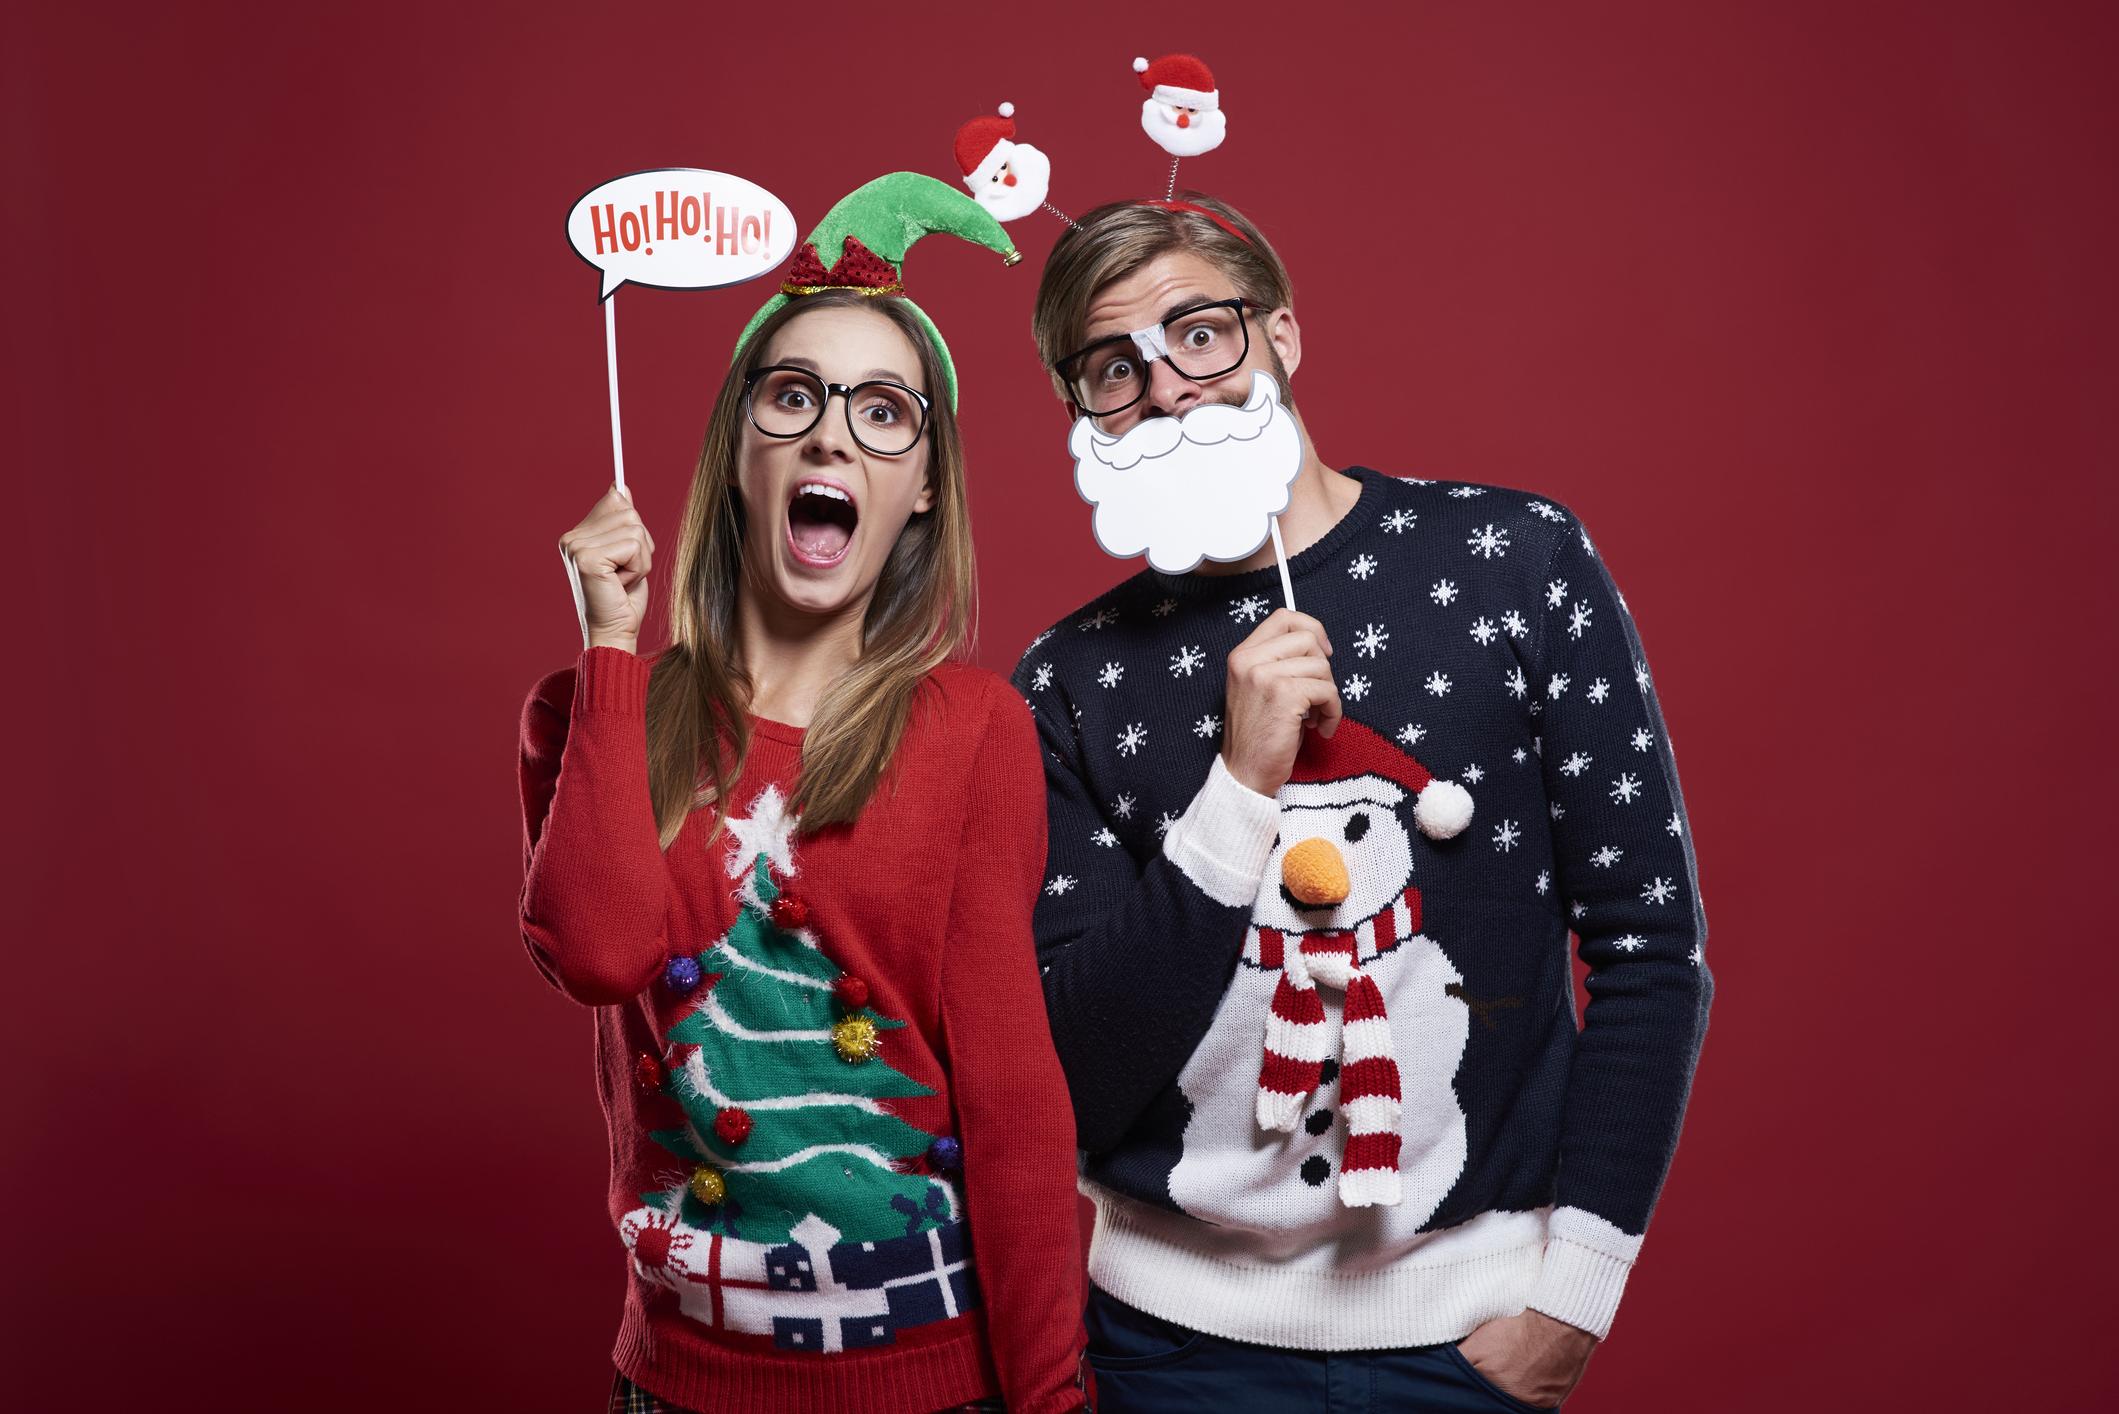 """Пуловери и дебели чорапи тип """"шушони"""" – дори няма да обясняваме... но без тях на Коледа просто не може."""